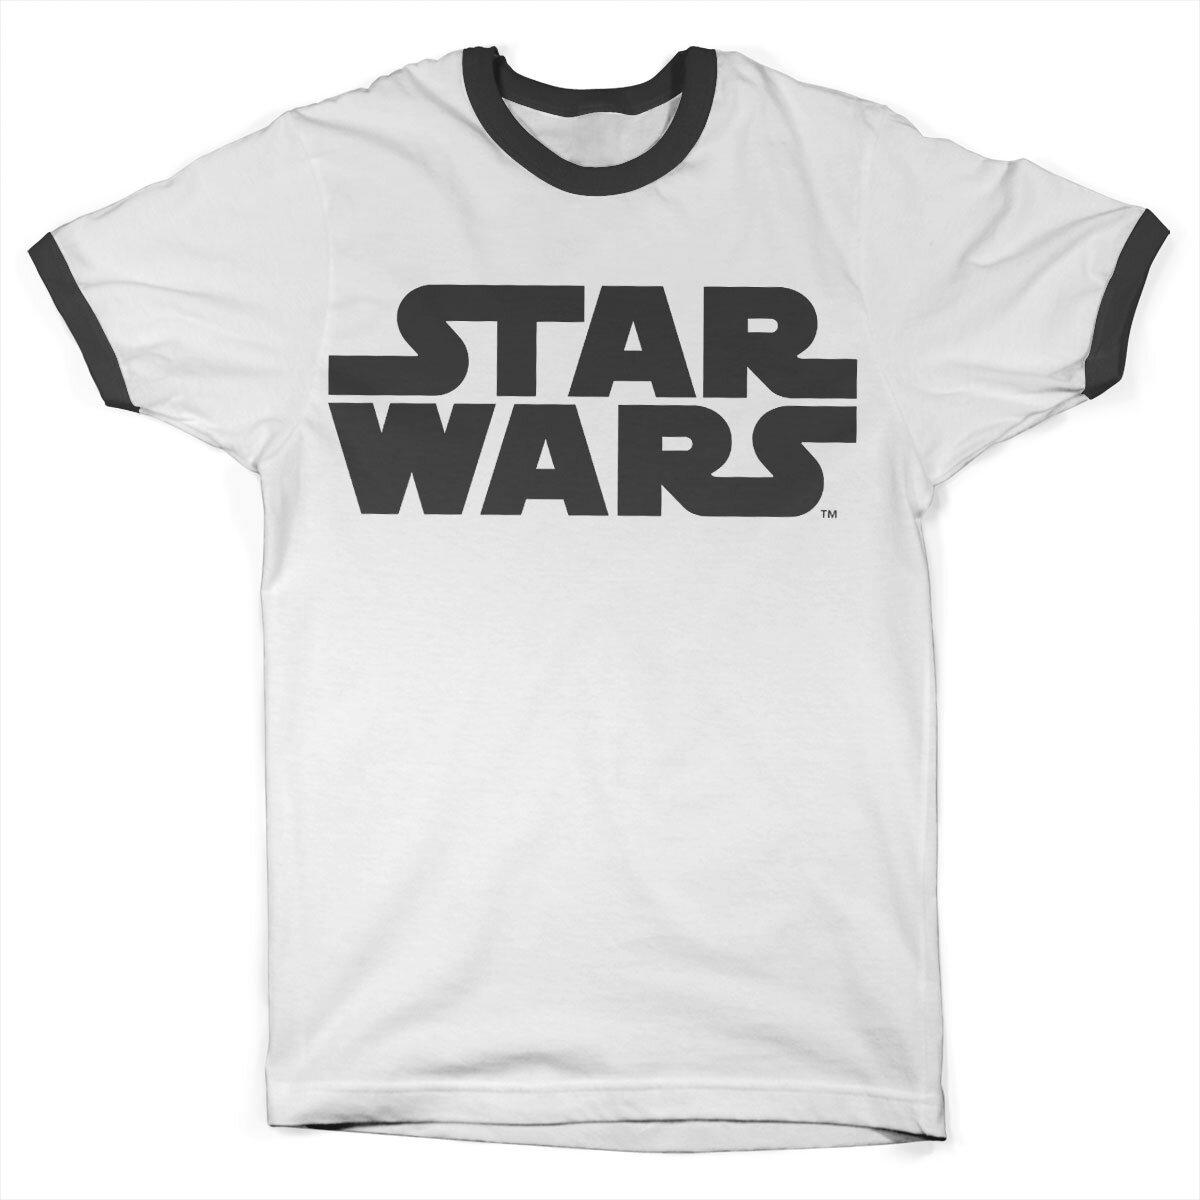 Star Wars Black Logo Ringer Tee